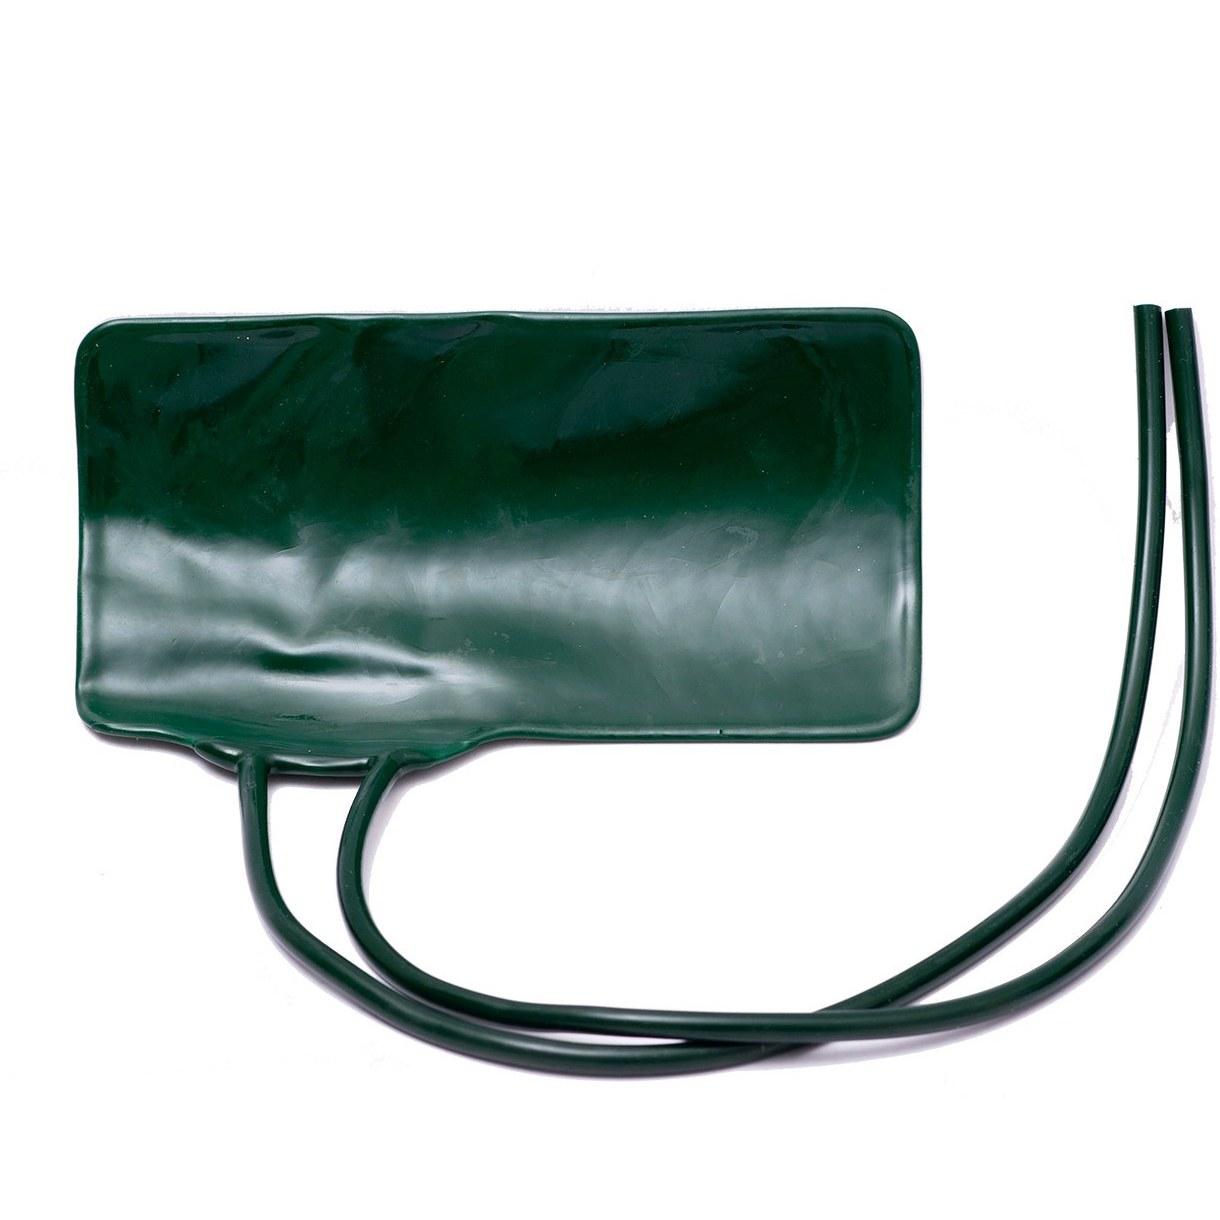 عکس كاف لاستيکی دستگاه فشارسنج عقربه ای Cuff کاف-لاستیکی-دستگاه-فشارسنج-عقربه-ای